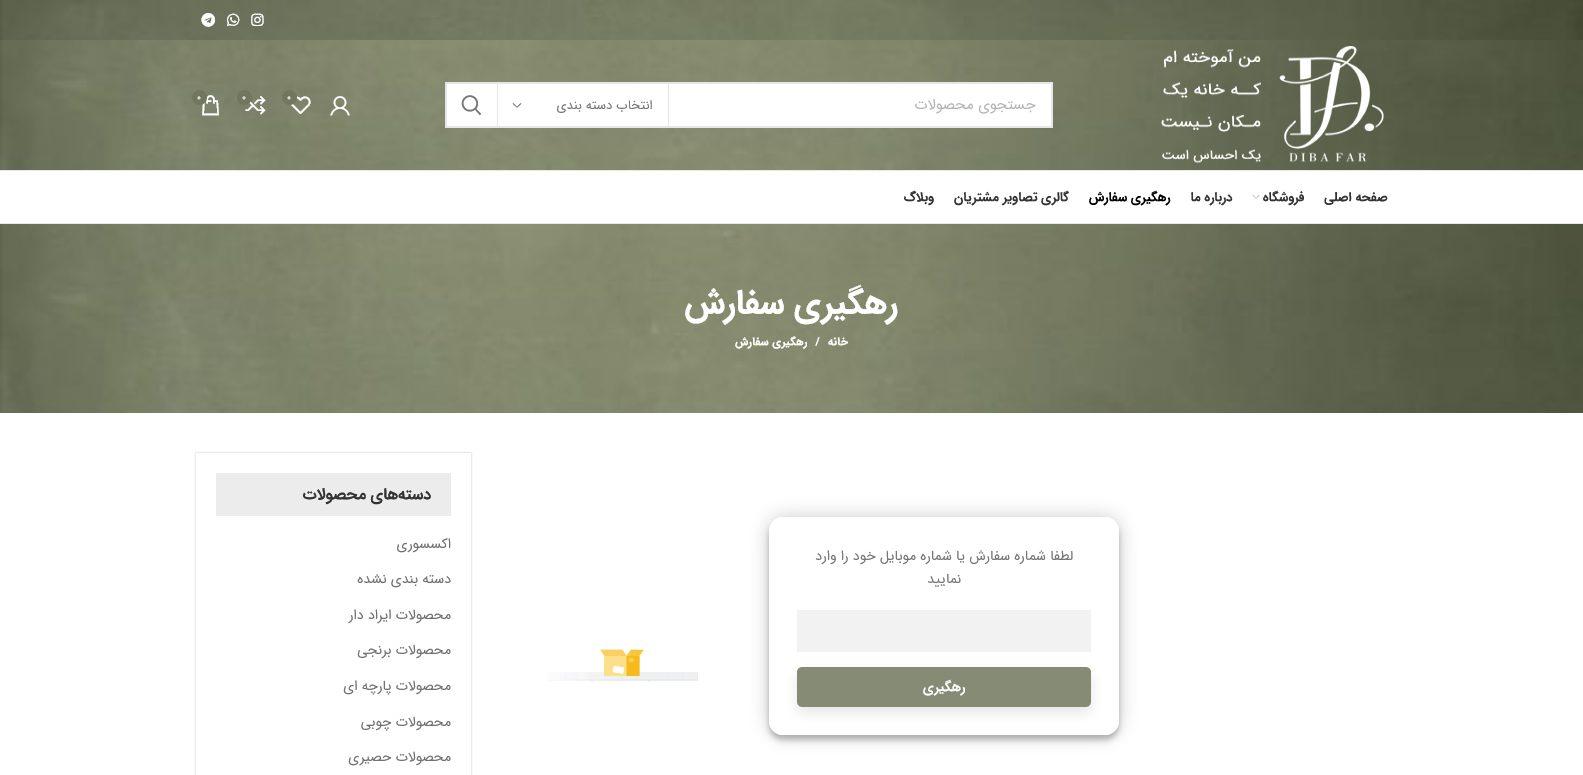 طراحی سایت فروشگاه دیبافر